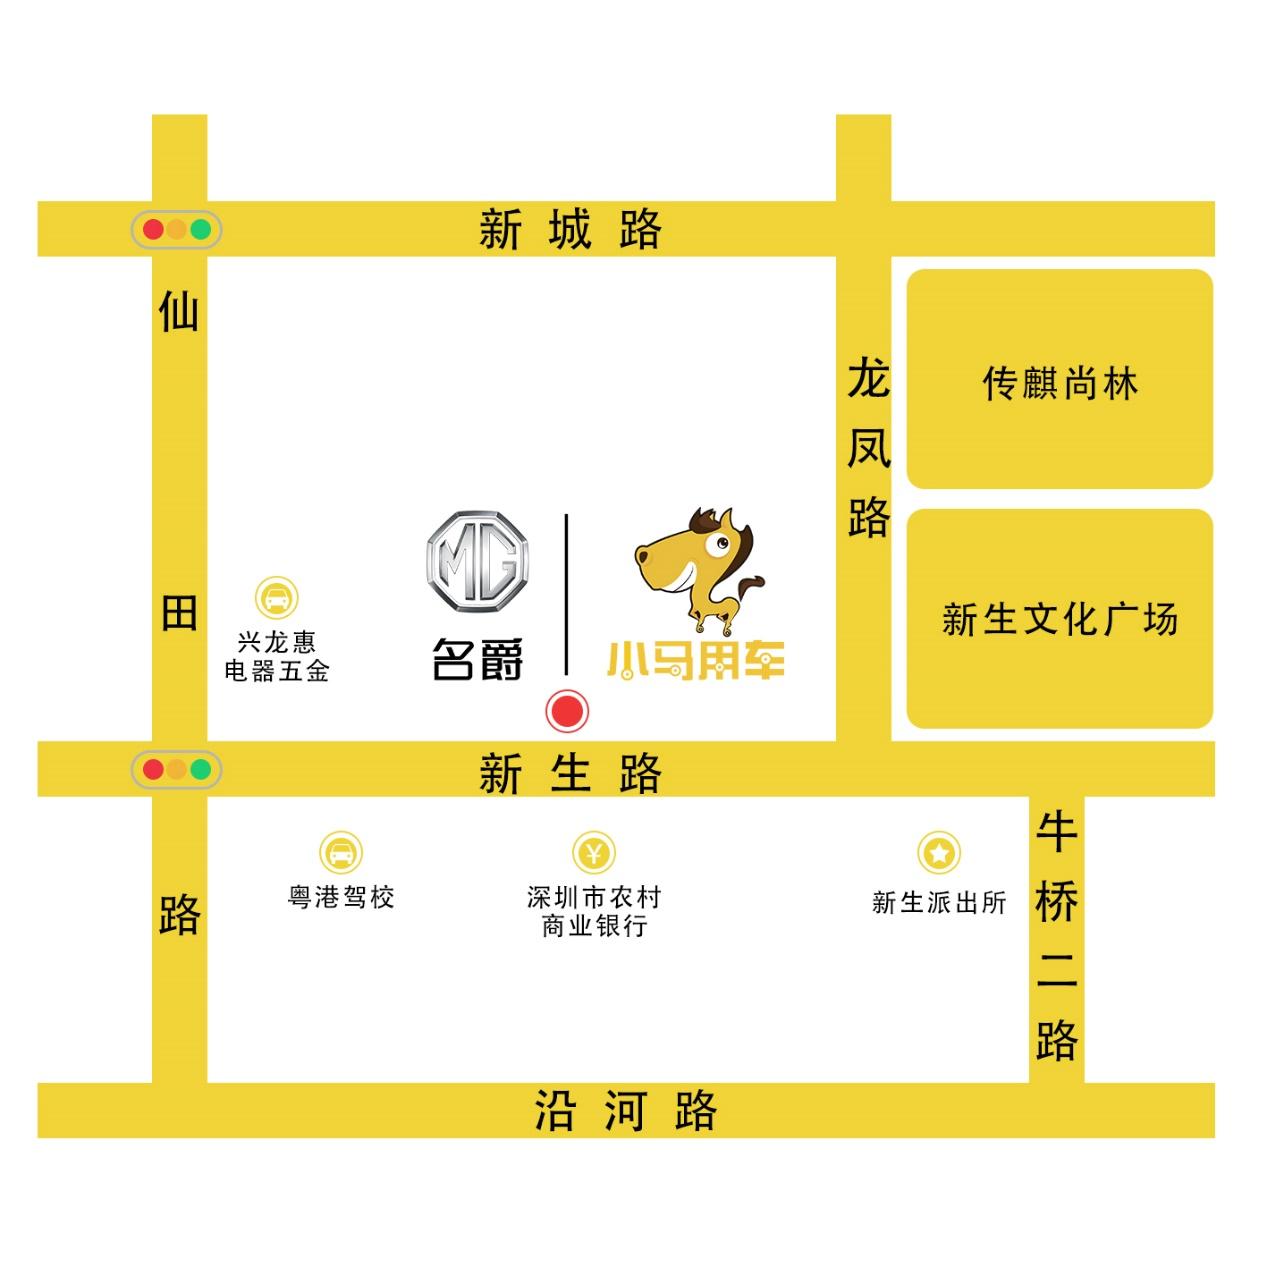 深圳小马名爵4S店开业圆满落幕!-图5